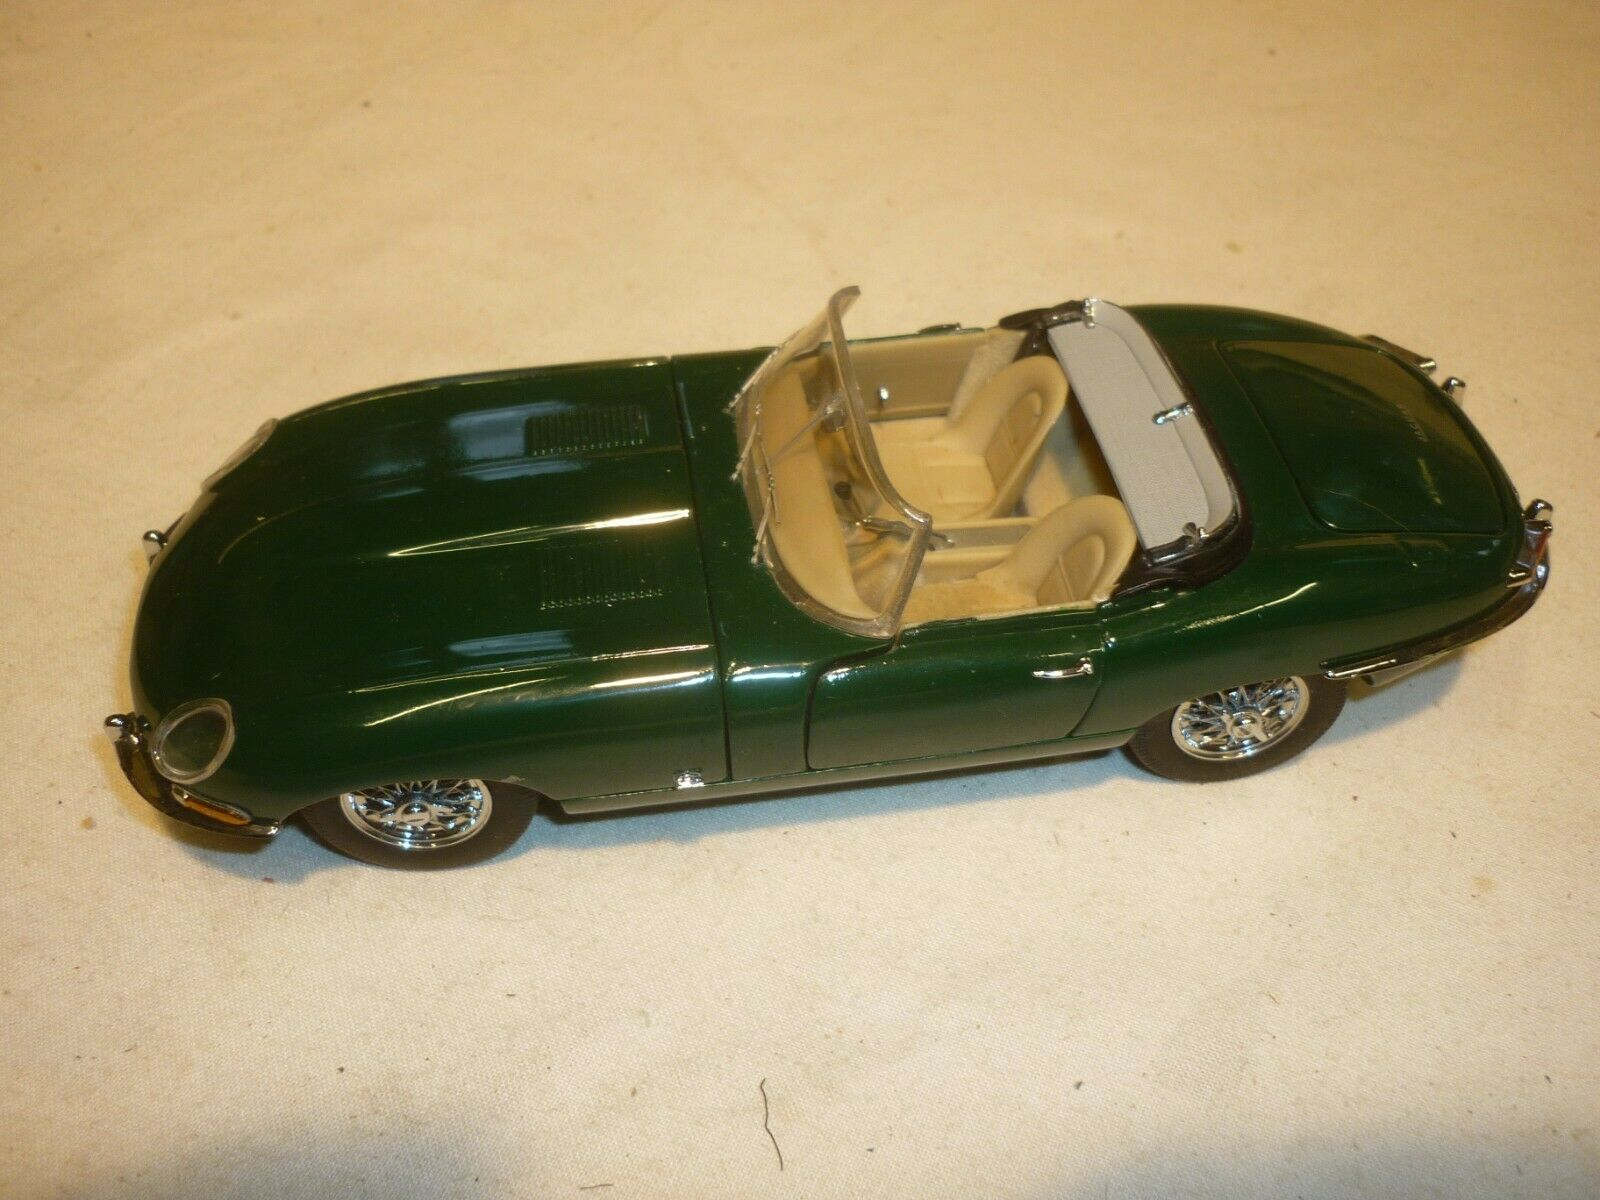 A Franklin mint scale model car of a 1961 Jaguar XKE Roadster, no box